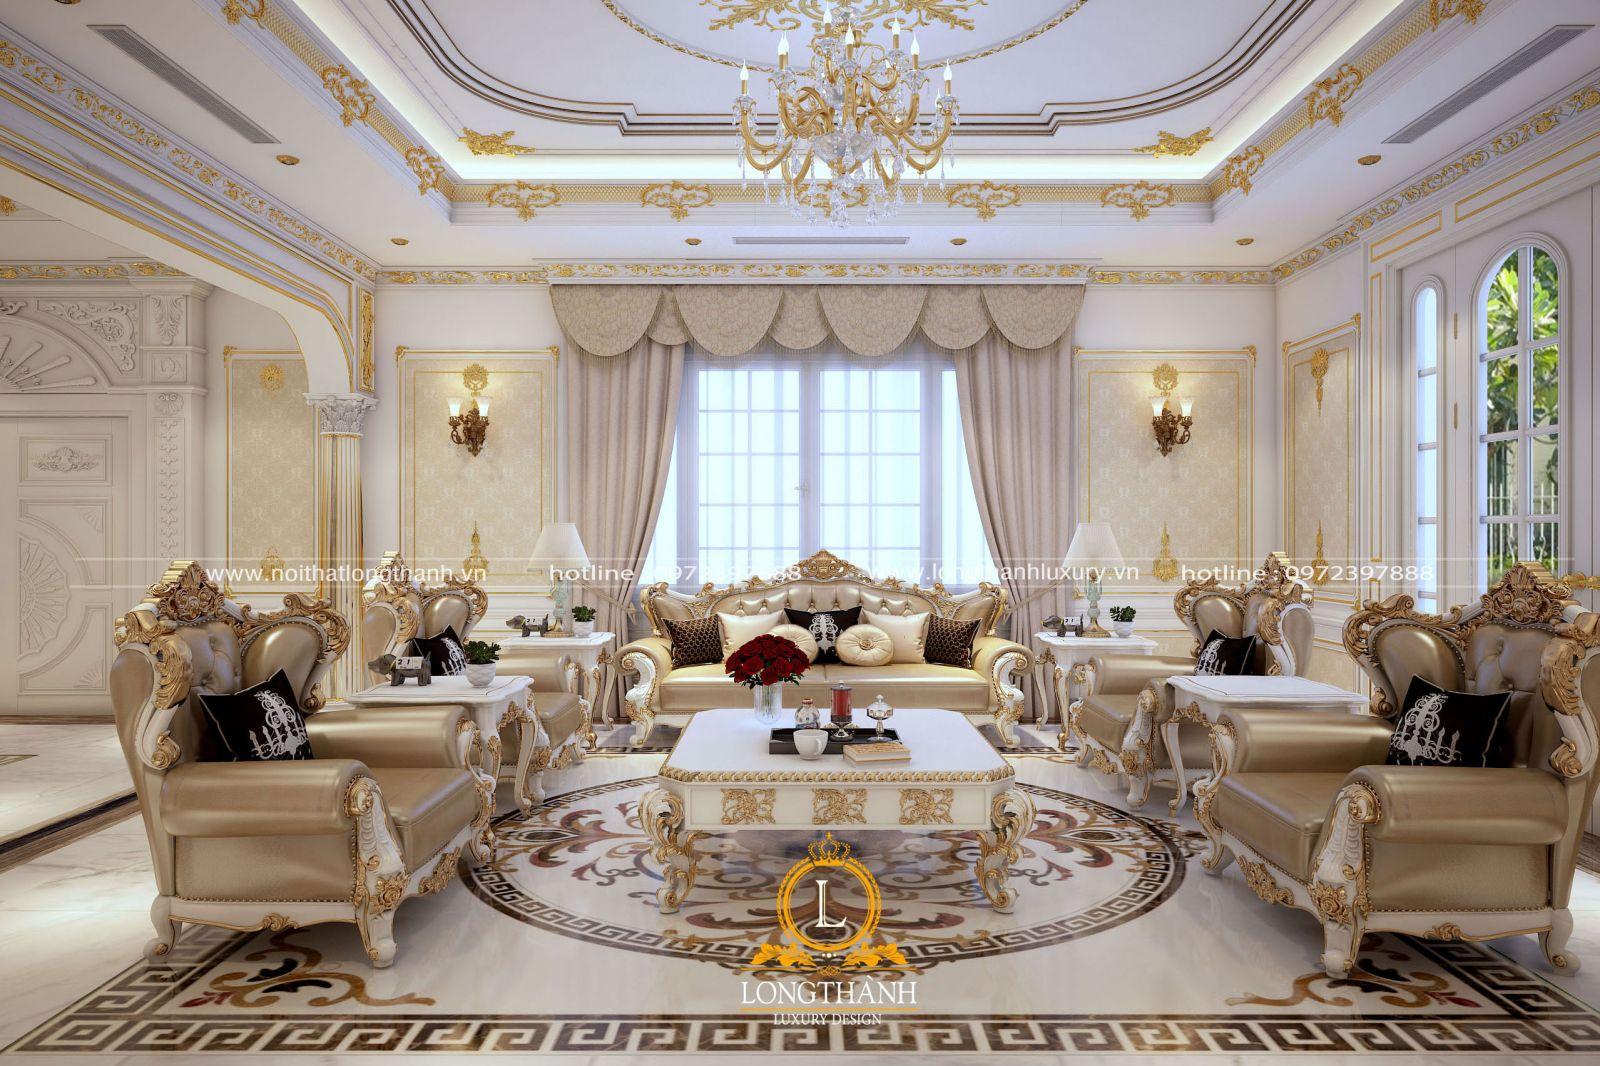 Phòng khách biệt thự đẹp LT26